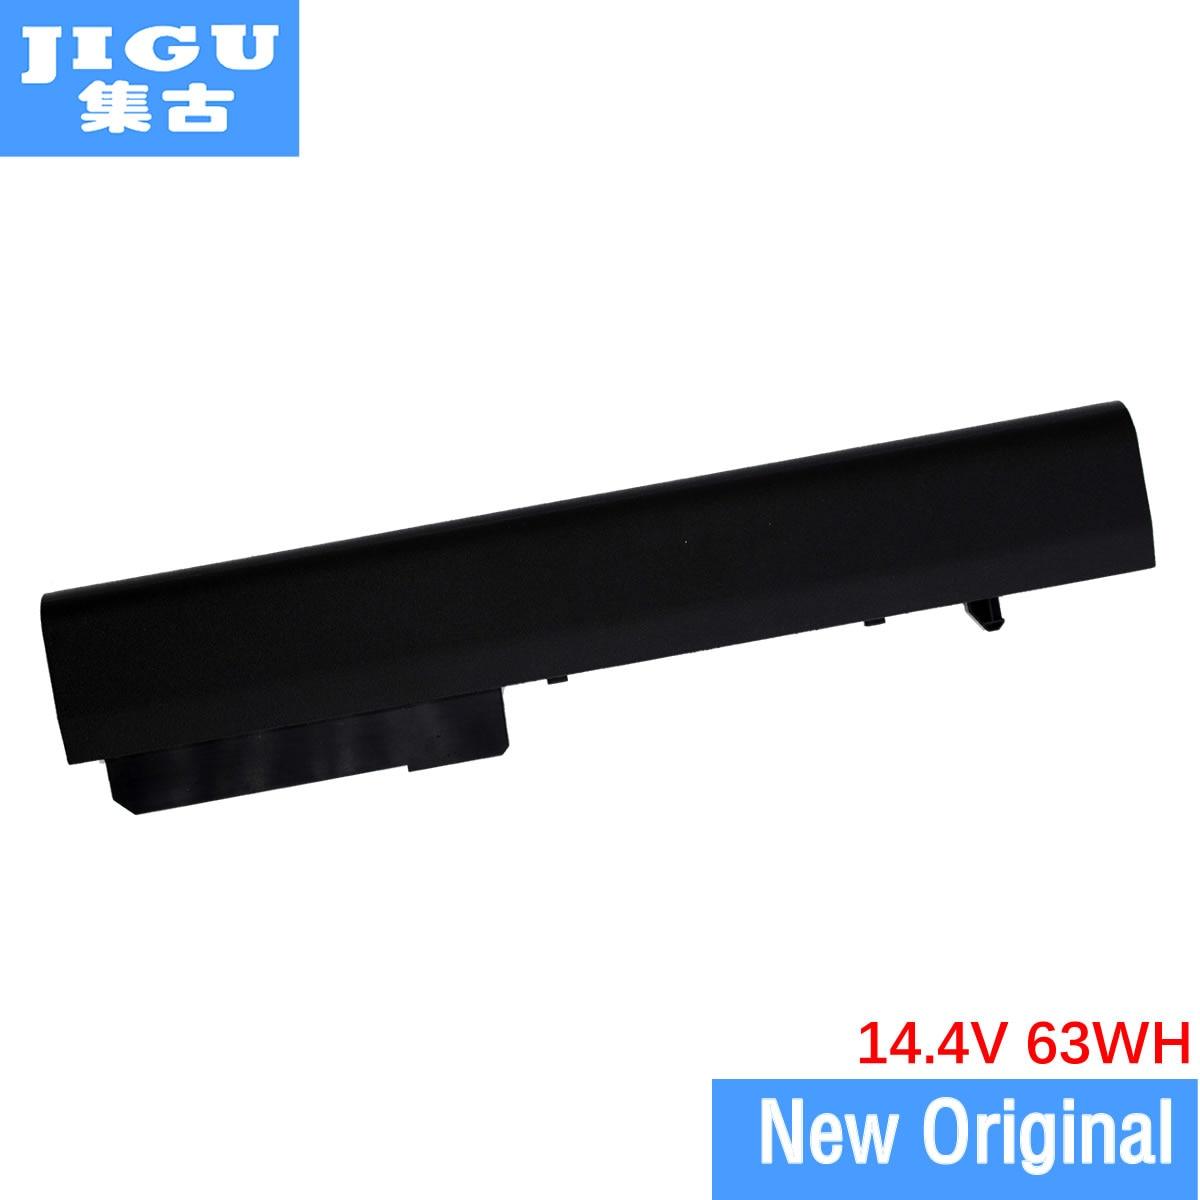 JIGU L09N8T22 L09N8Y22 L09P8Y22 LO9P8Y22 Original laptop Battery For Lenovo IdeaPad U460 14.4V 64WH 7xinbox 15 2v 50wh laptop battery for lenovo asm p n sb10f46441 fru p n oohw003 4icp5 58 73 2